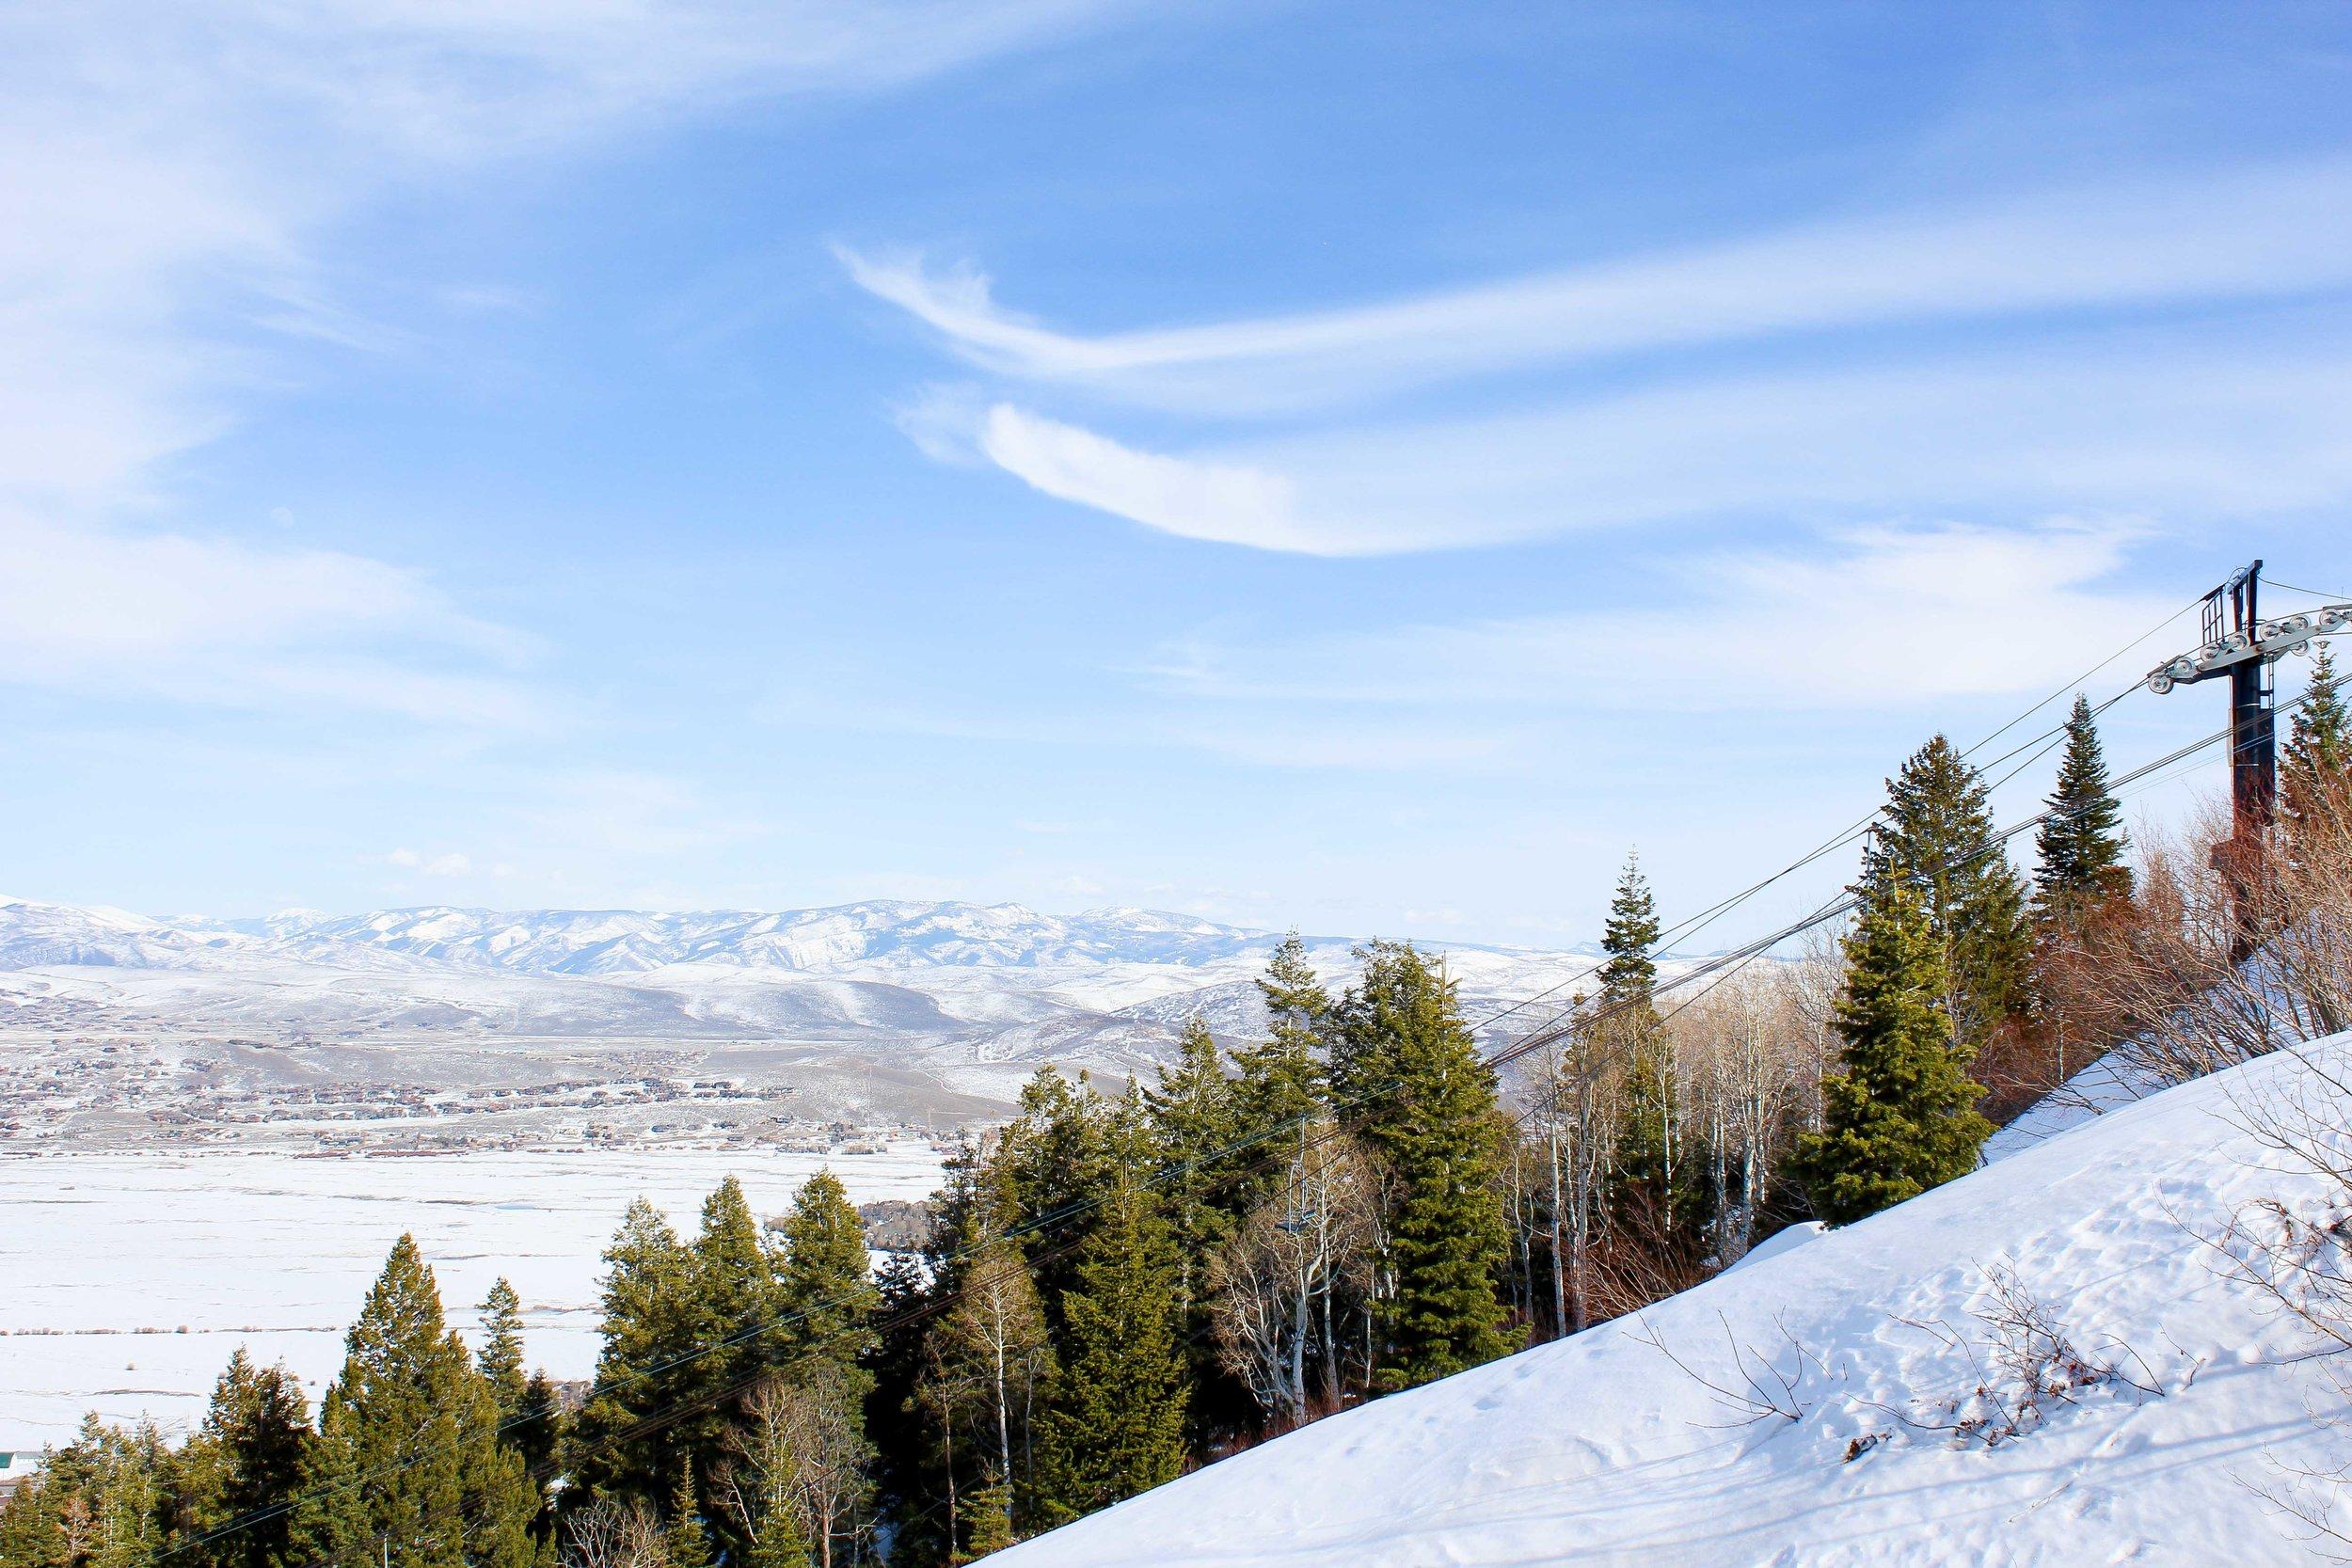 mountainSide-1.jpg